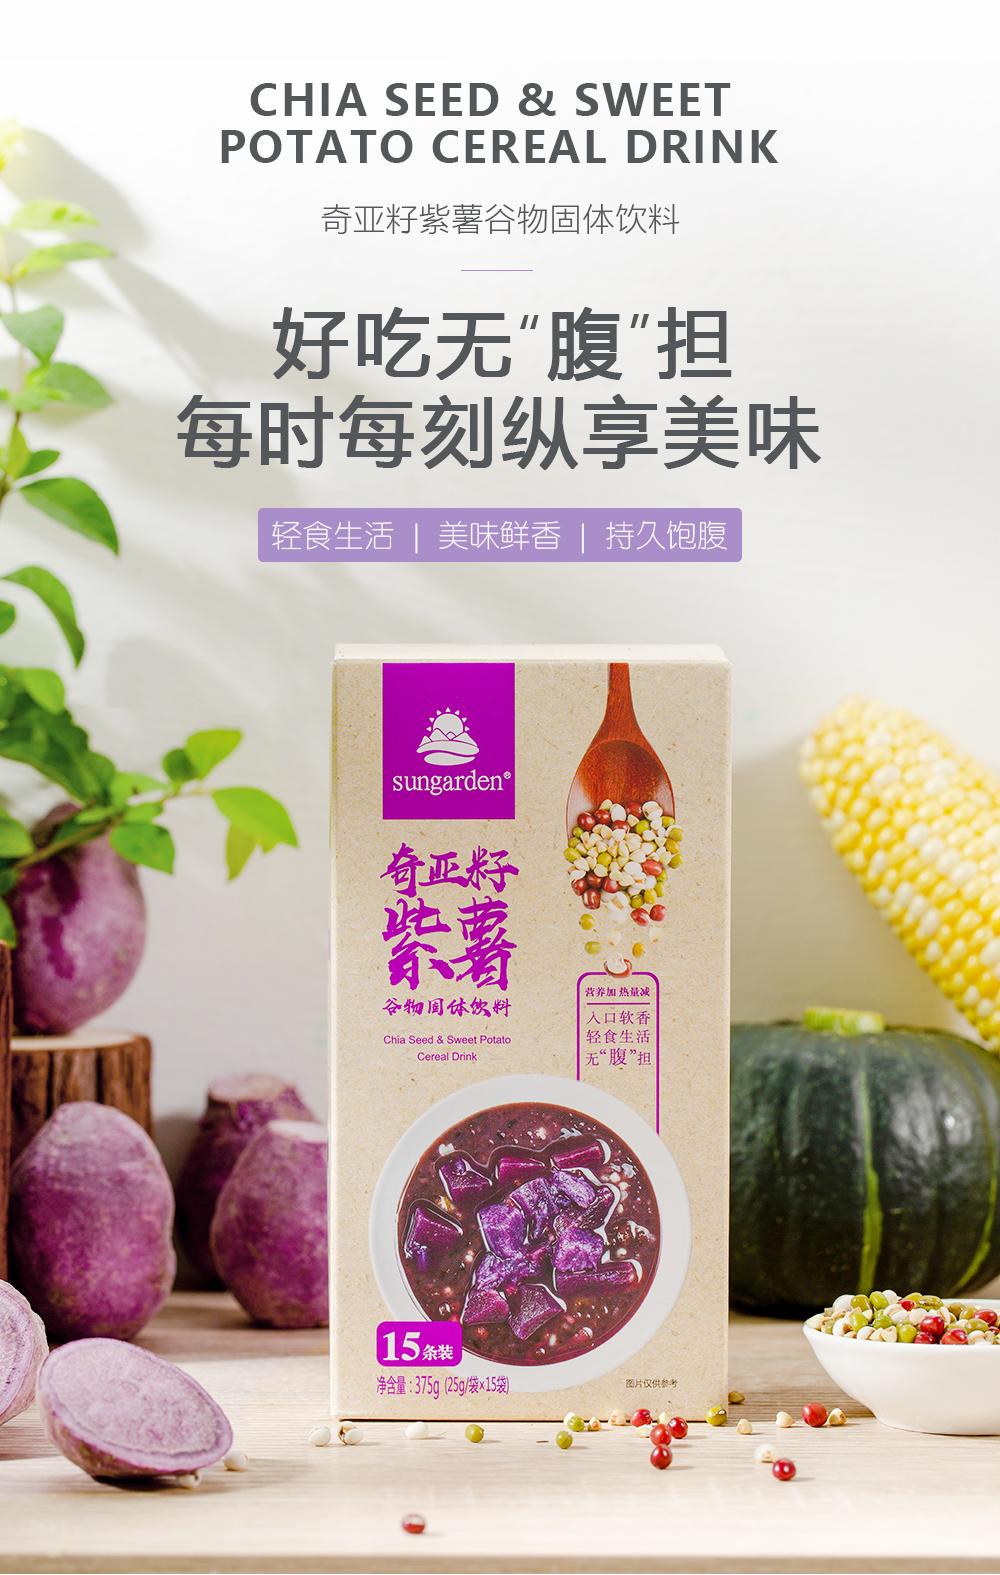 紫薯代餐官网-紫薯代餐---官网_01